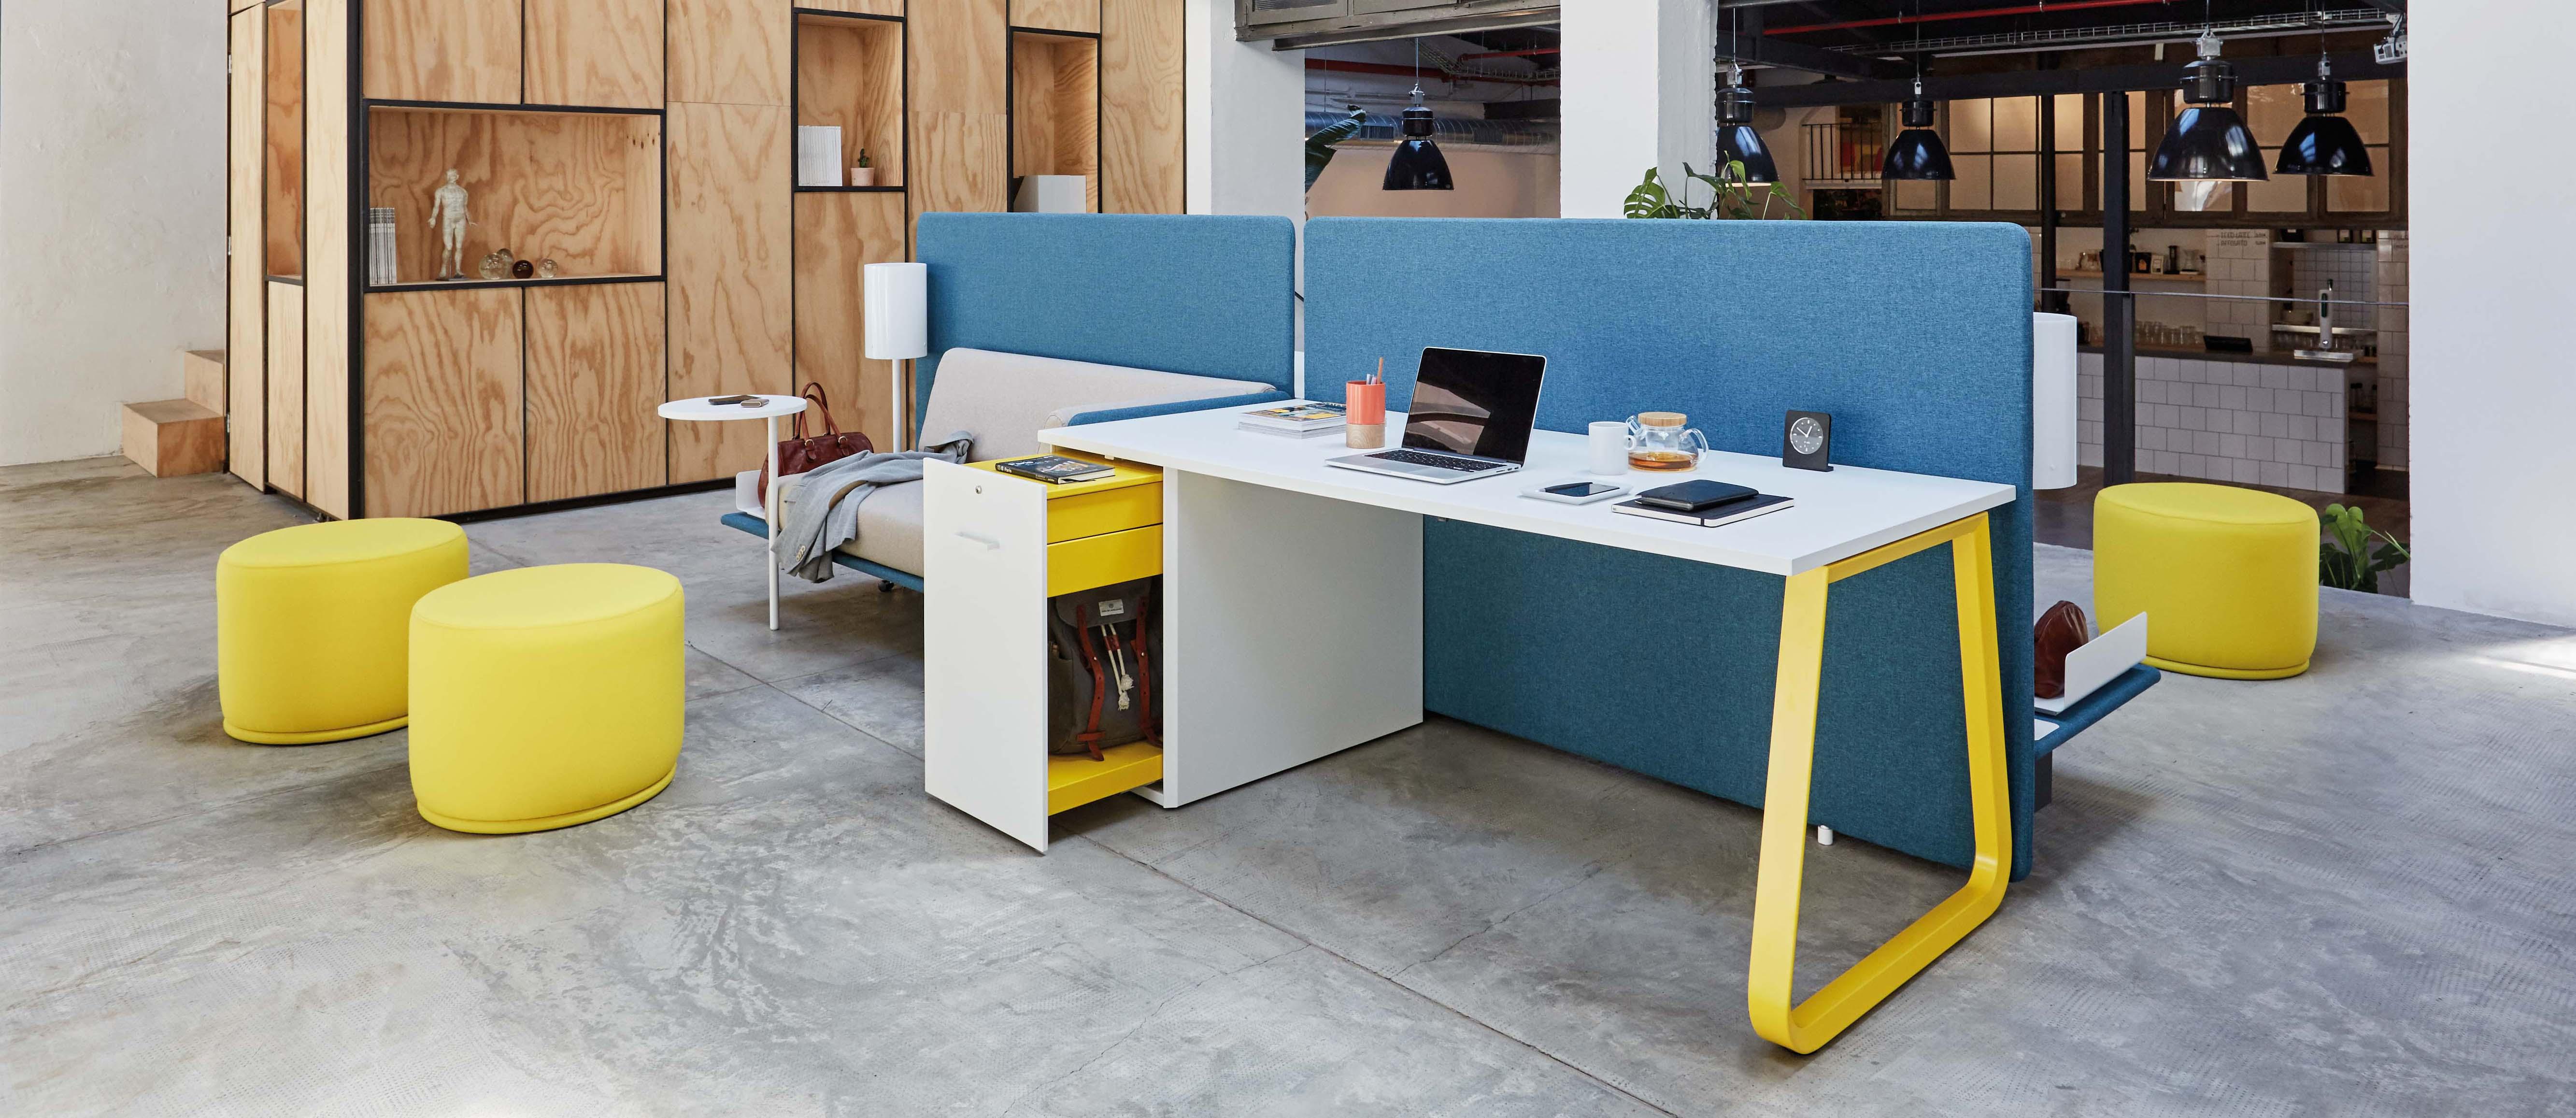 espacios de trabajo saludables 3